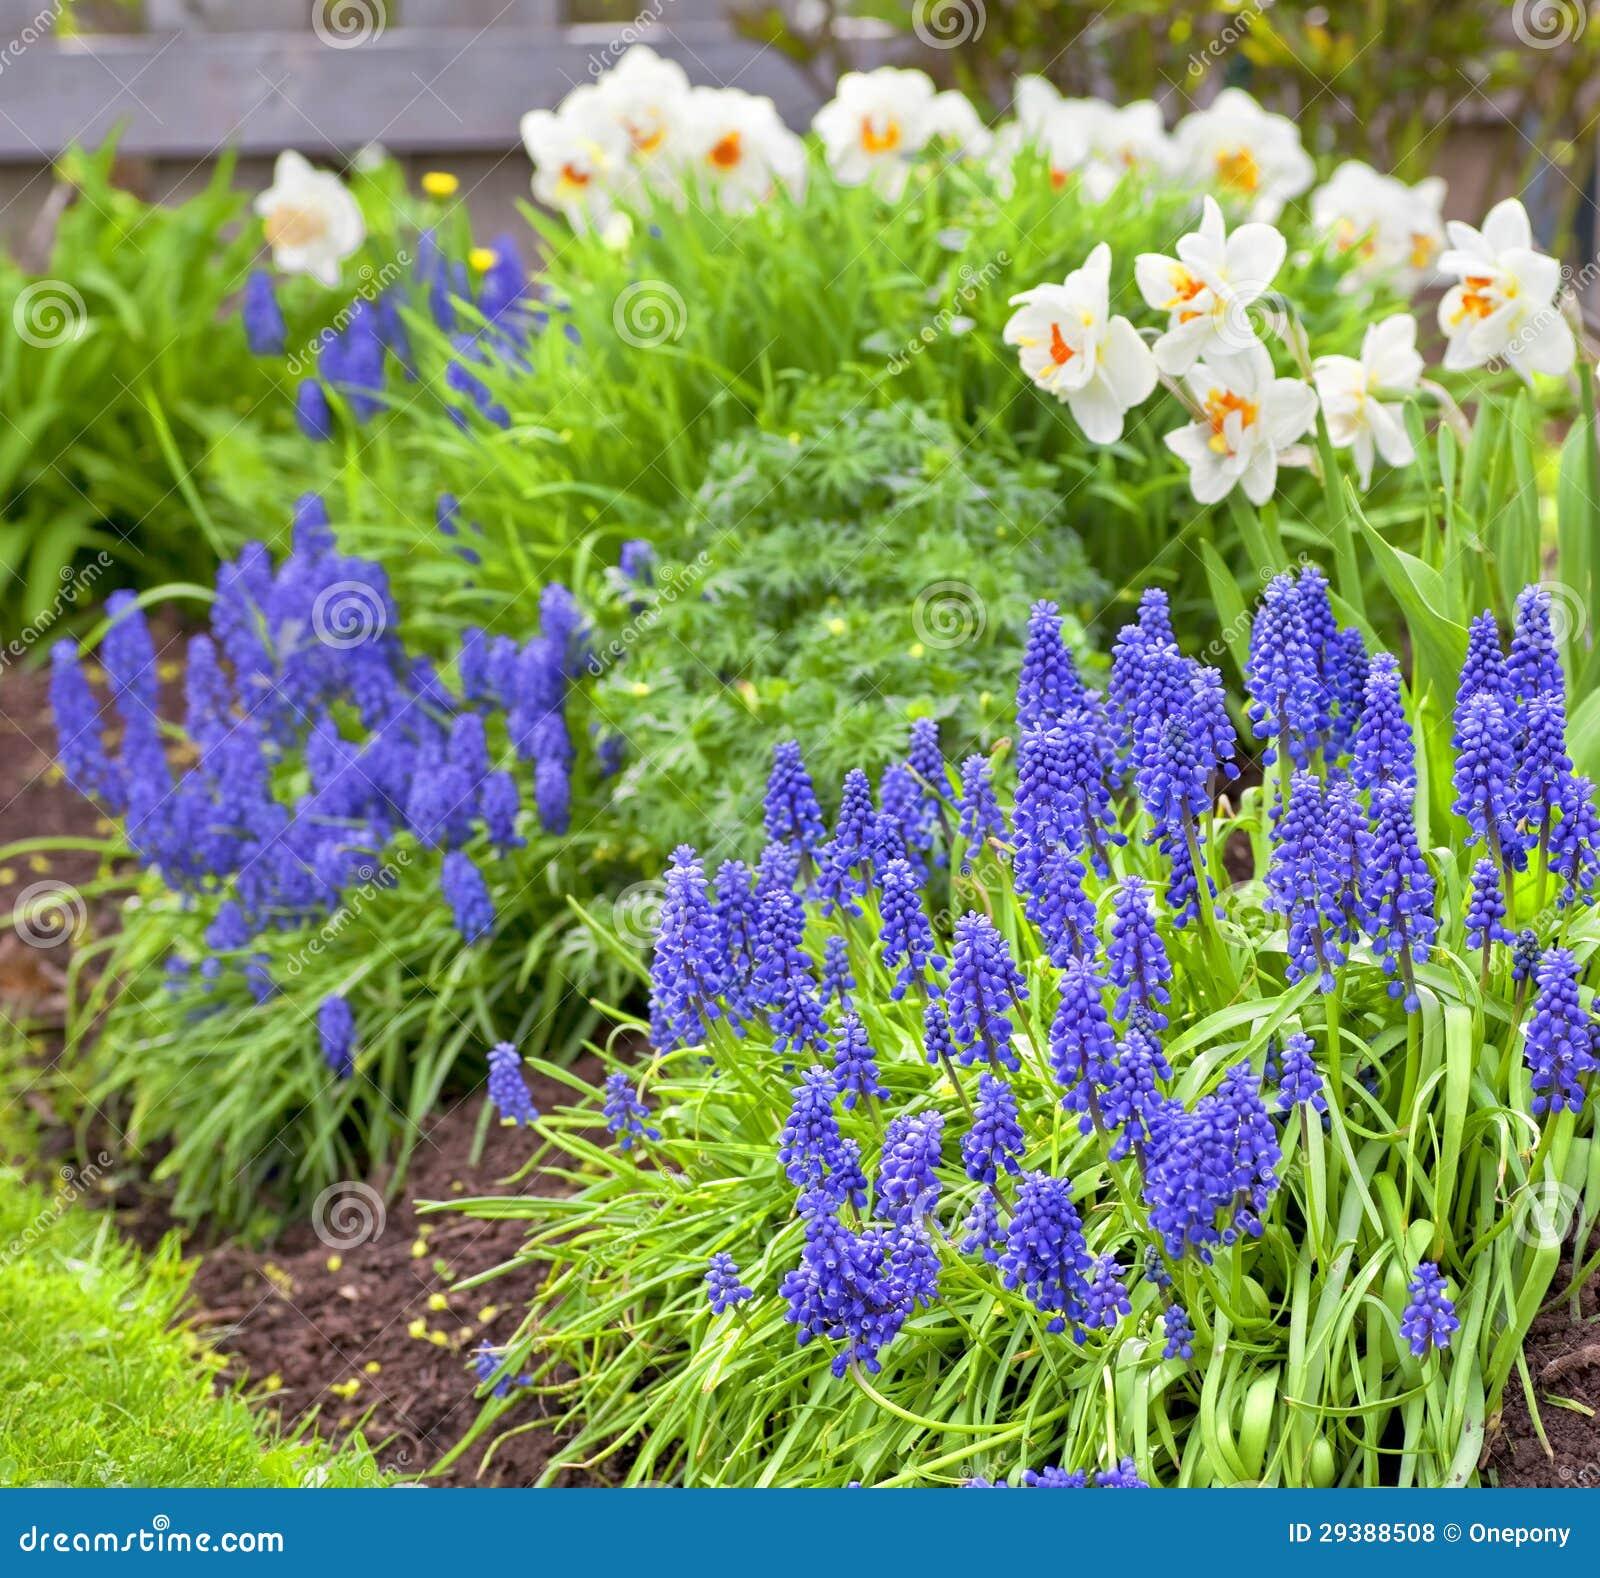 Exceptionnel Spring Garden Flowers